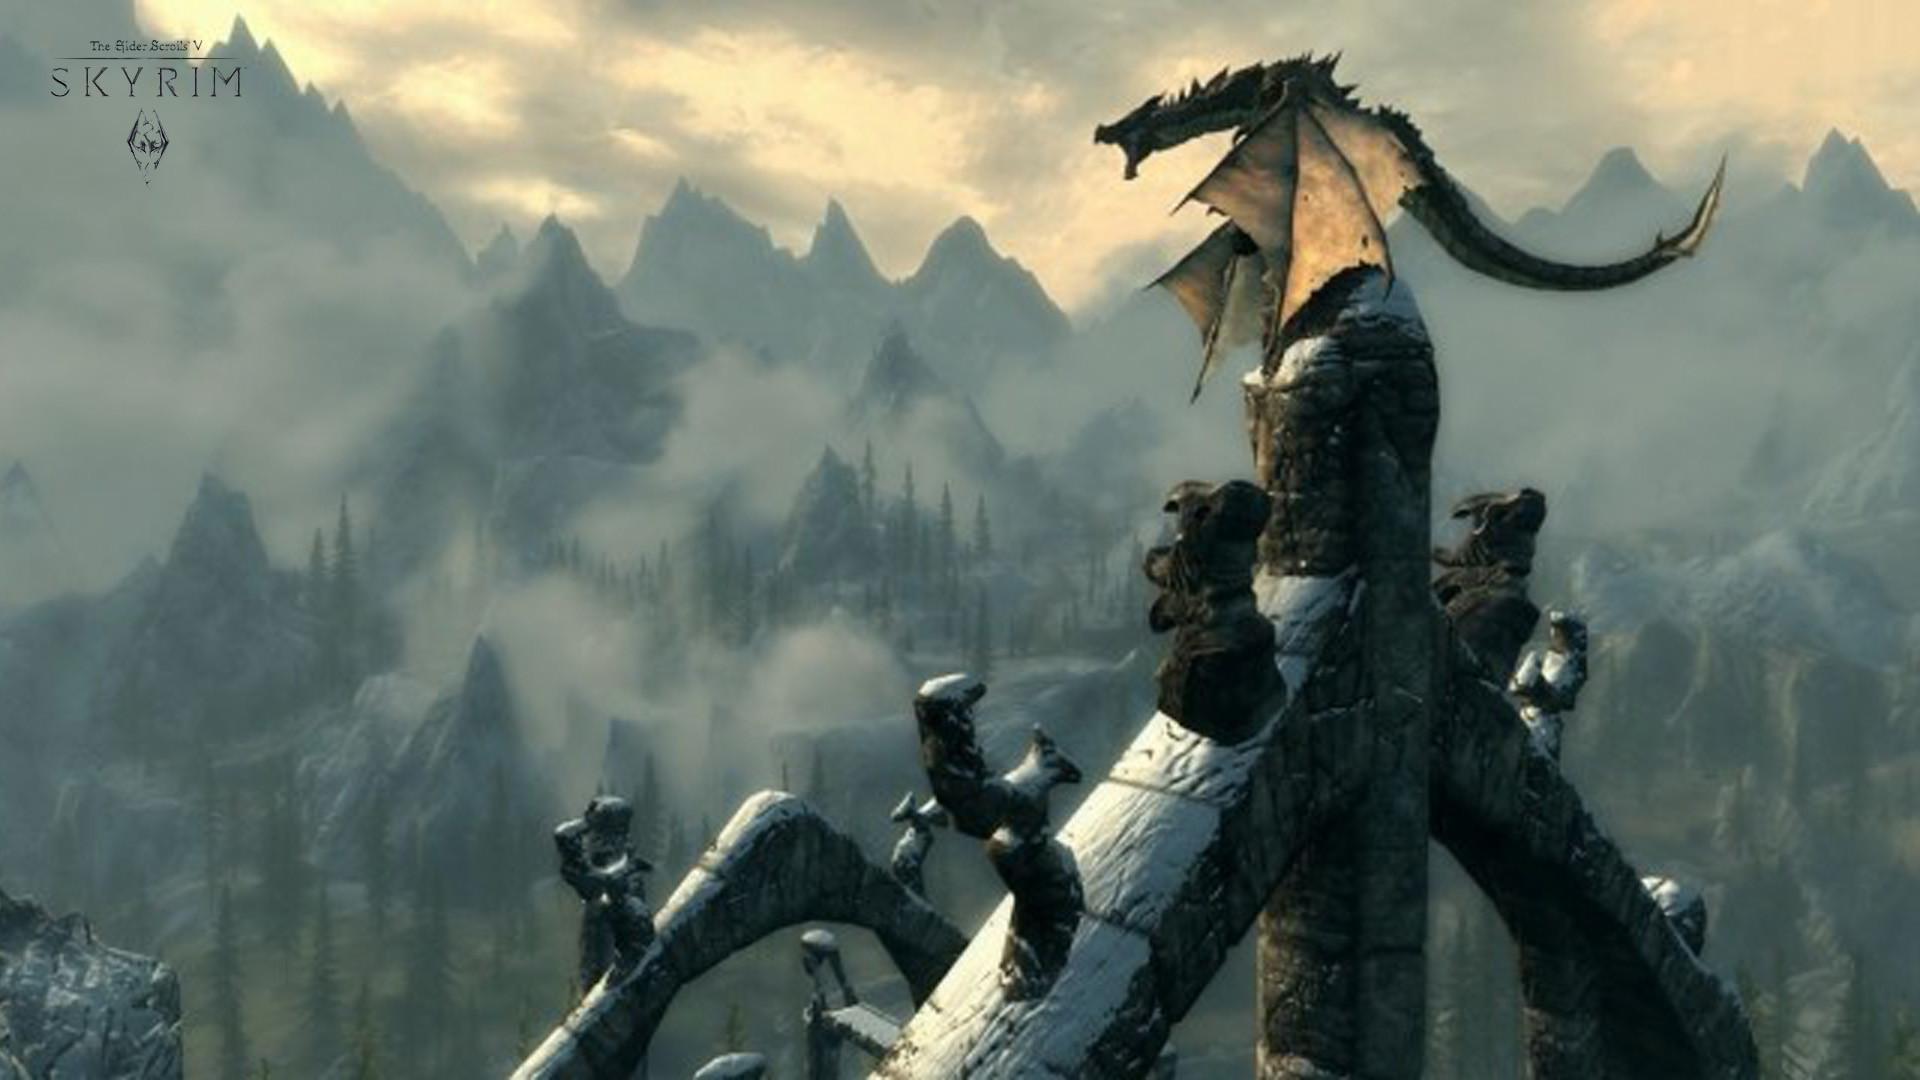 Skyrim Dragon Wallpaper #dCXpU